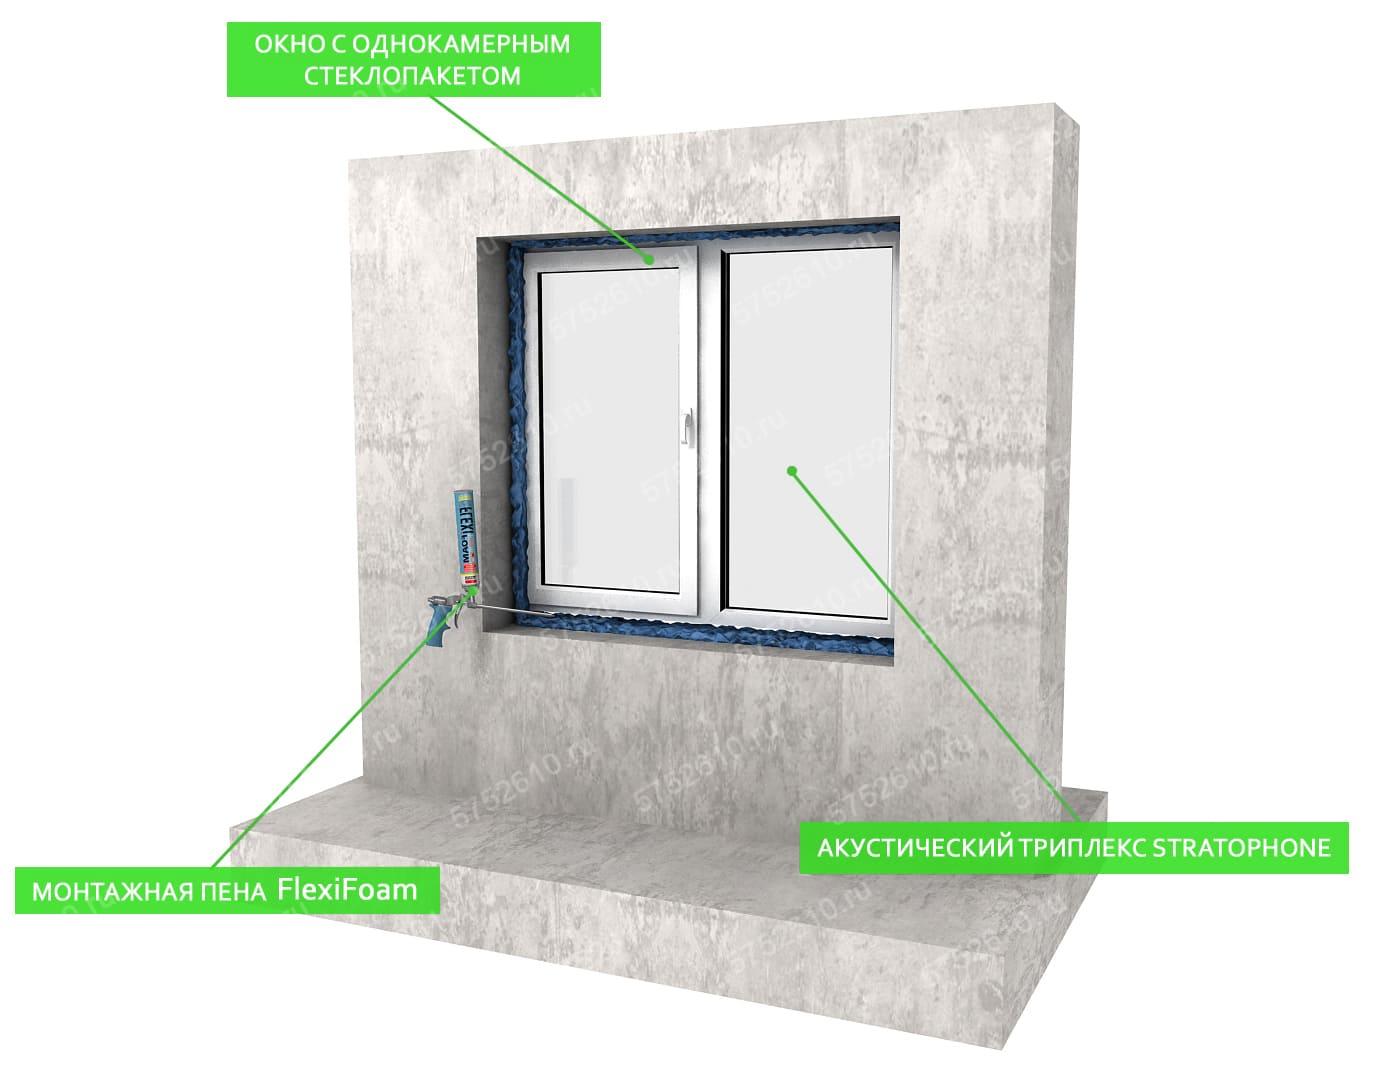 Звукоизоляция окна